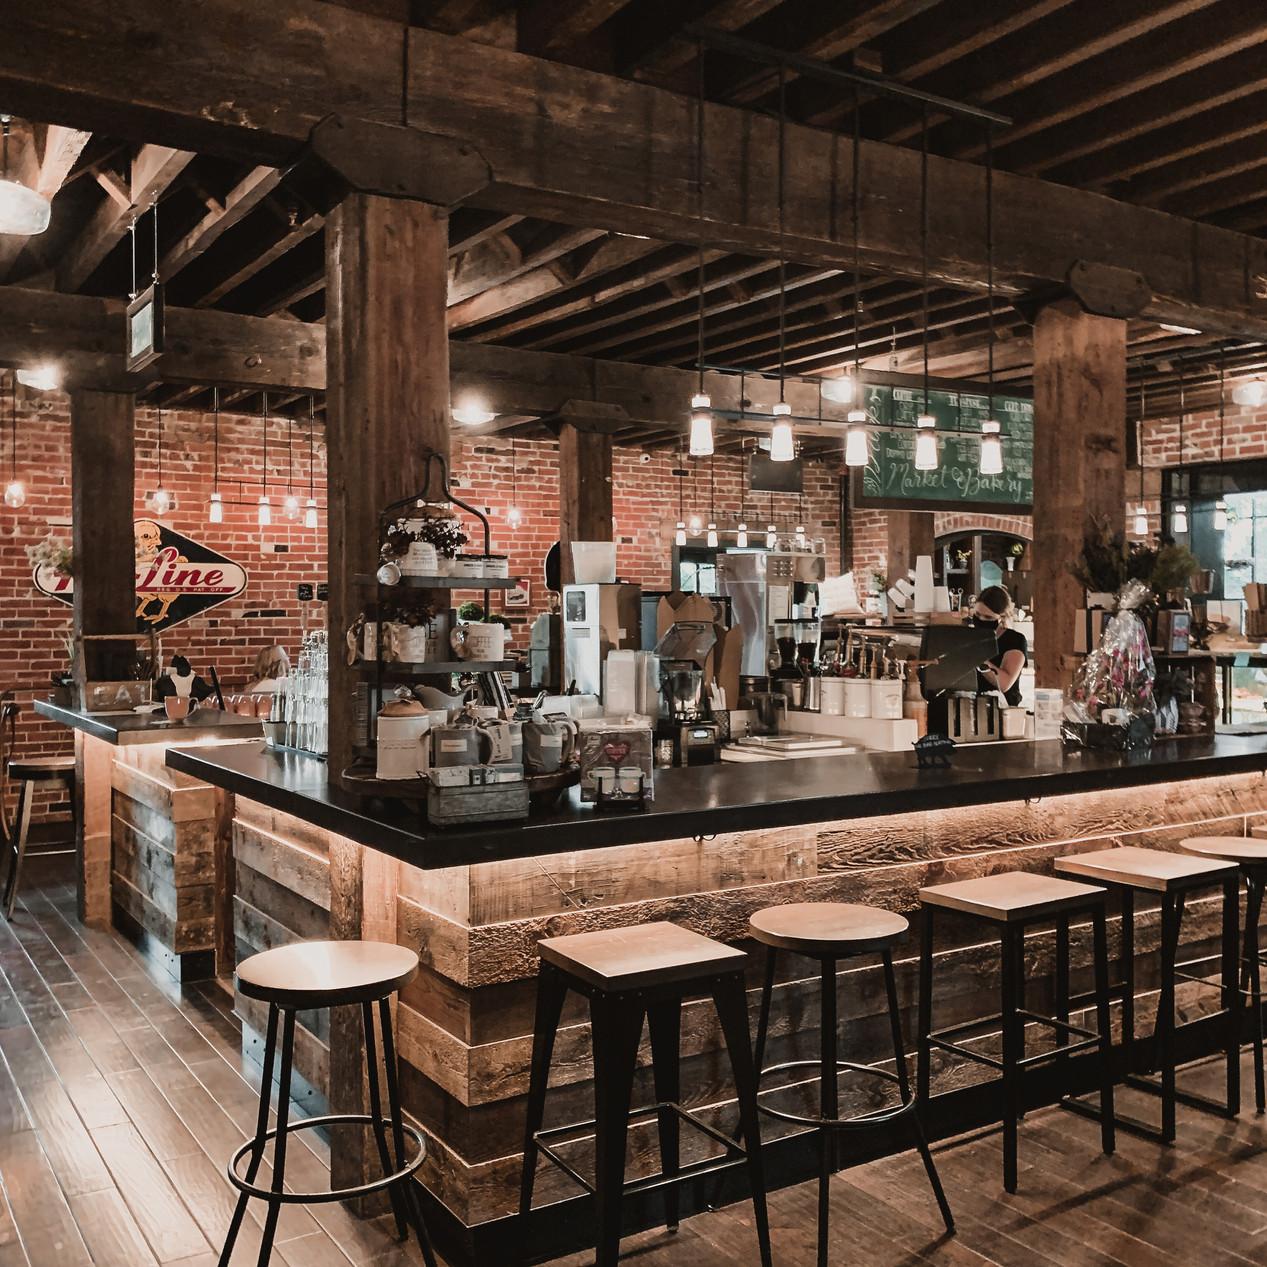 Bar at Ginger and Baker